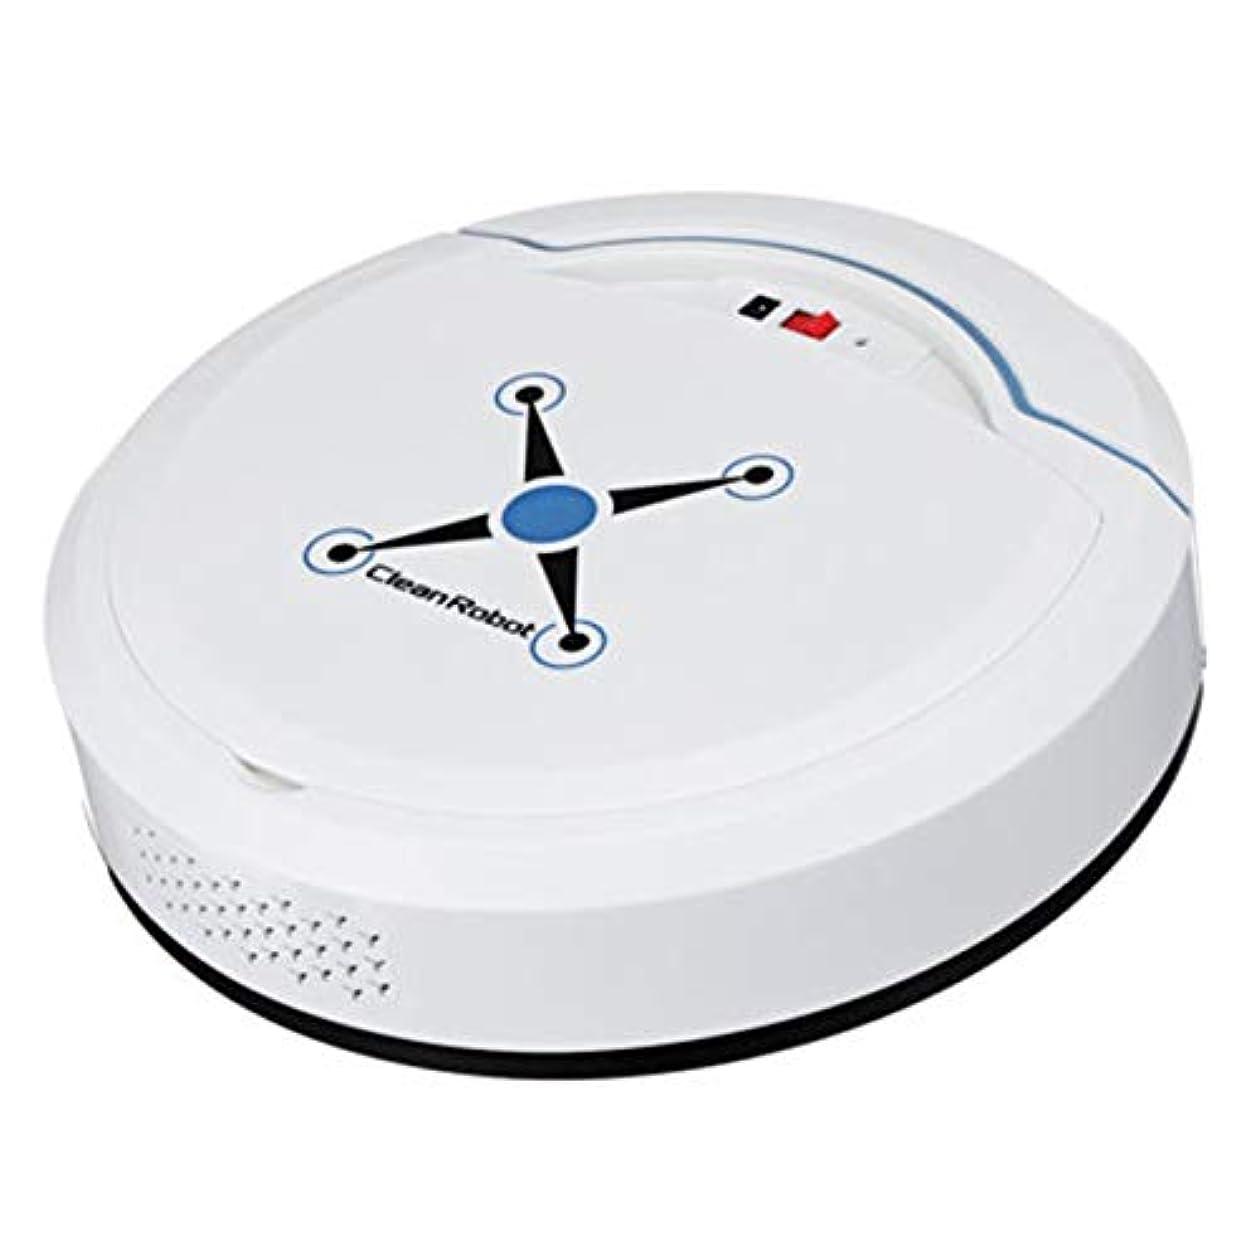 冷凍庫までズームインするSaikogoods 充電式 自動清掃ロボット スマート掃くロボット 真空フロアクリーナー ホーム掃くマシン 白